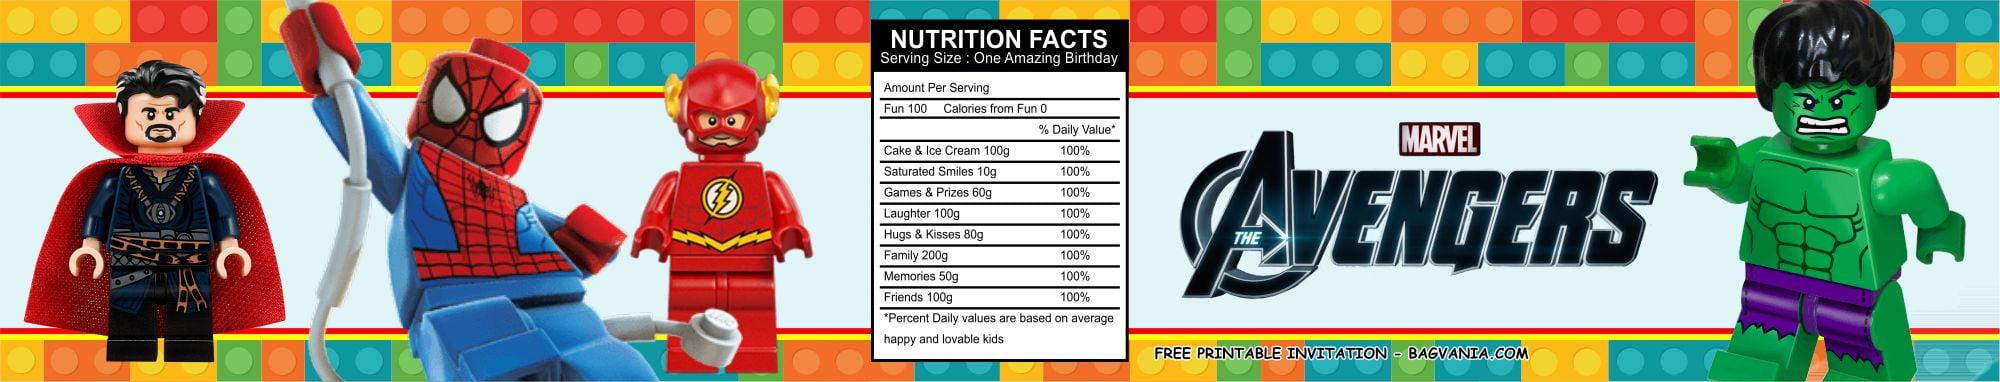 lego avengers birthday party kits